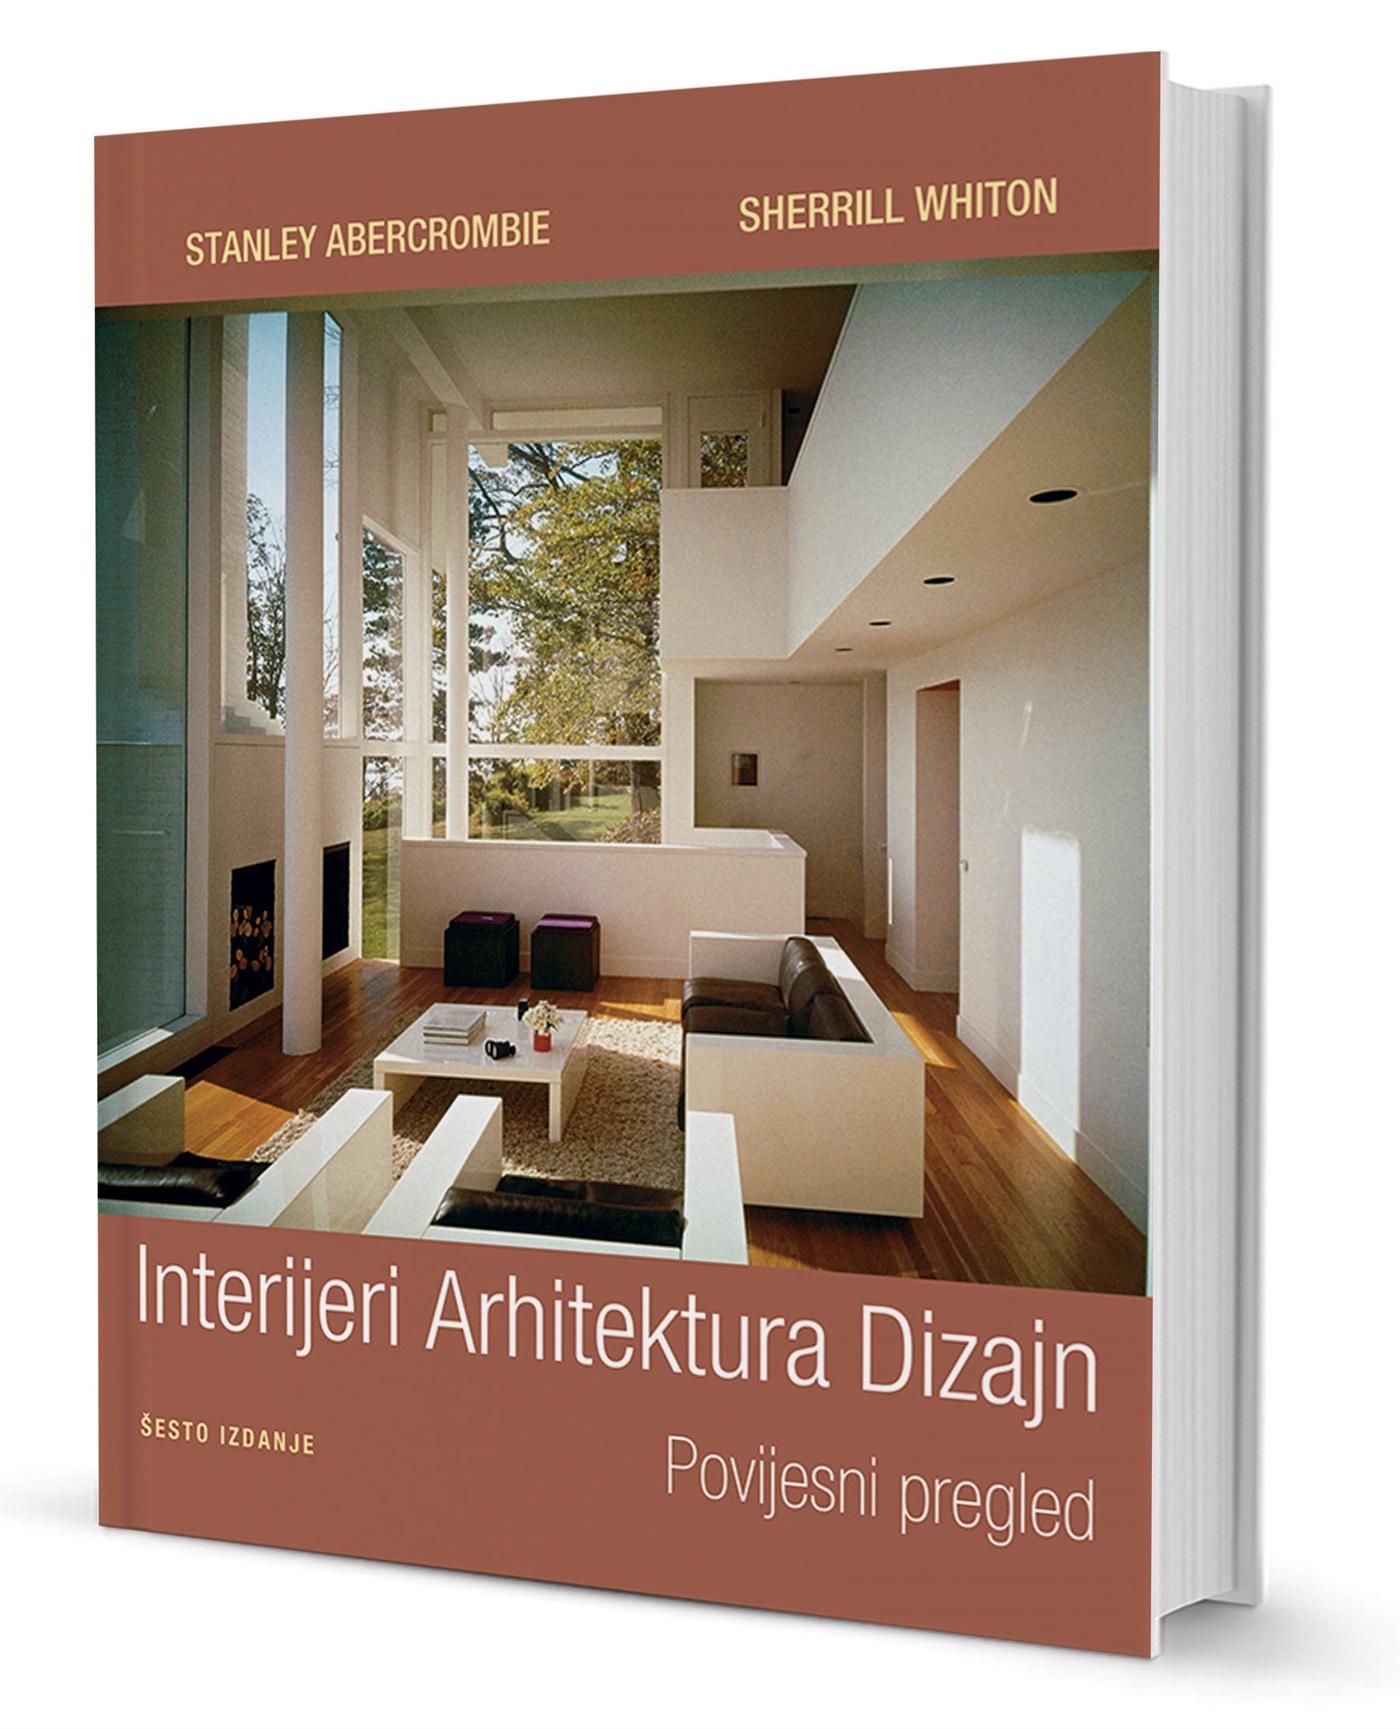 Interijeri   arhitektura   dizajn